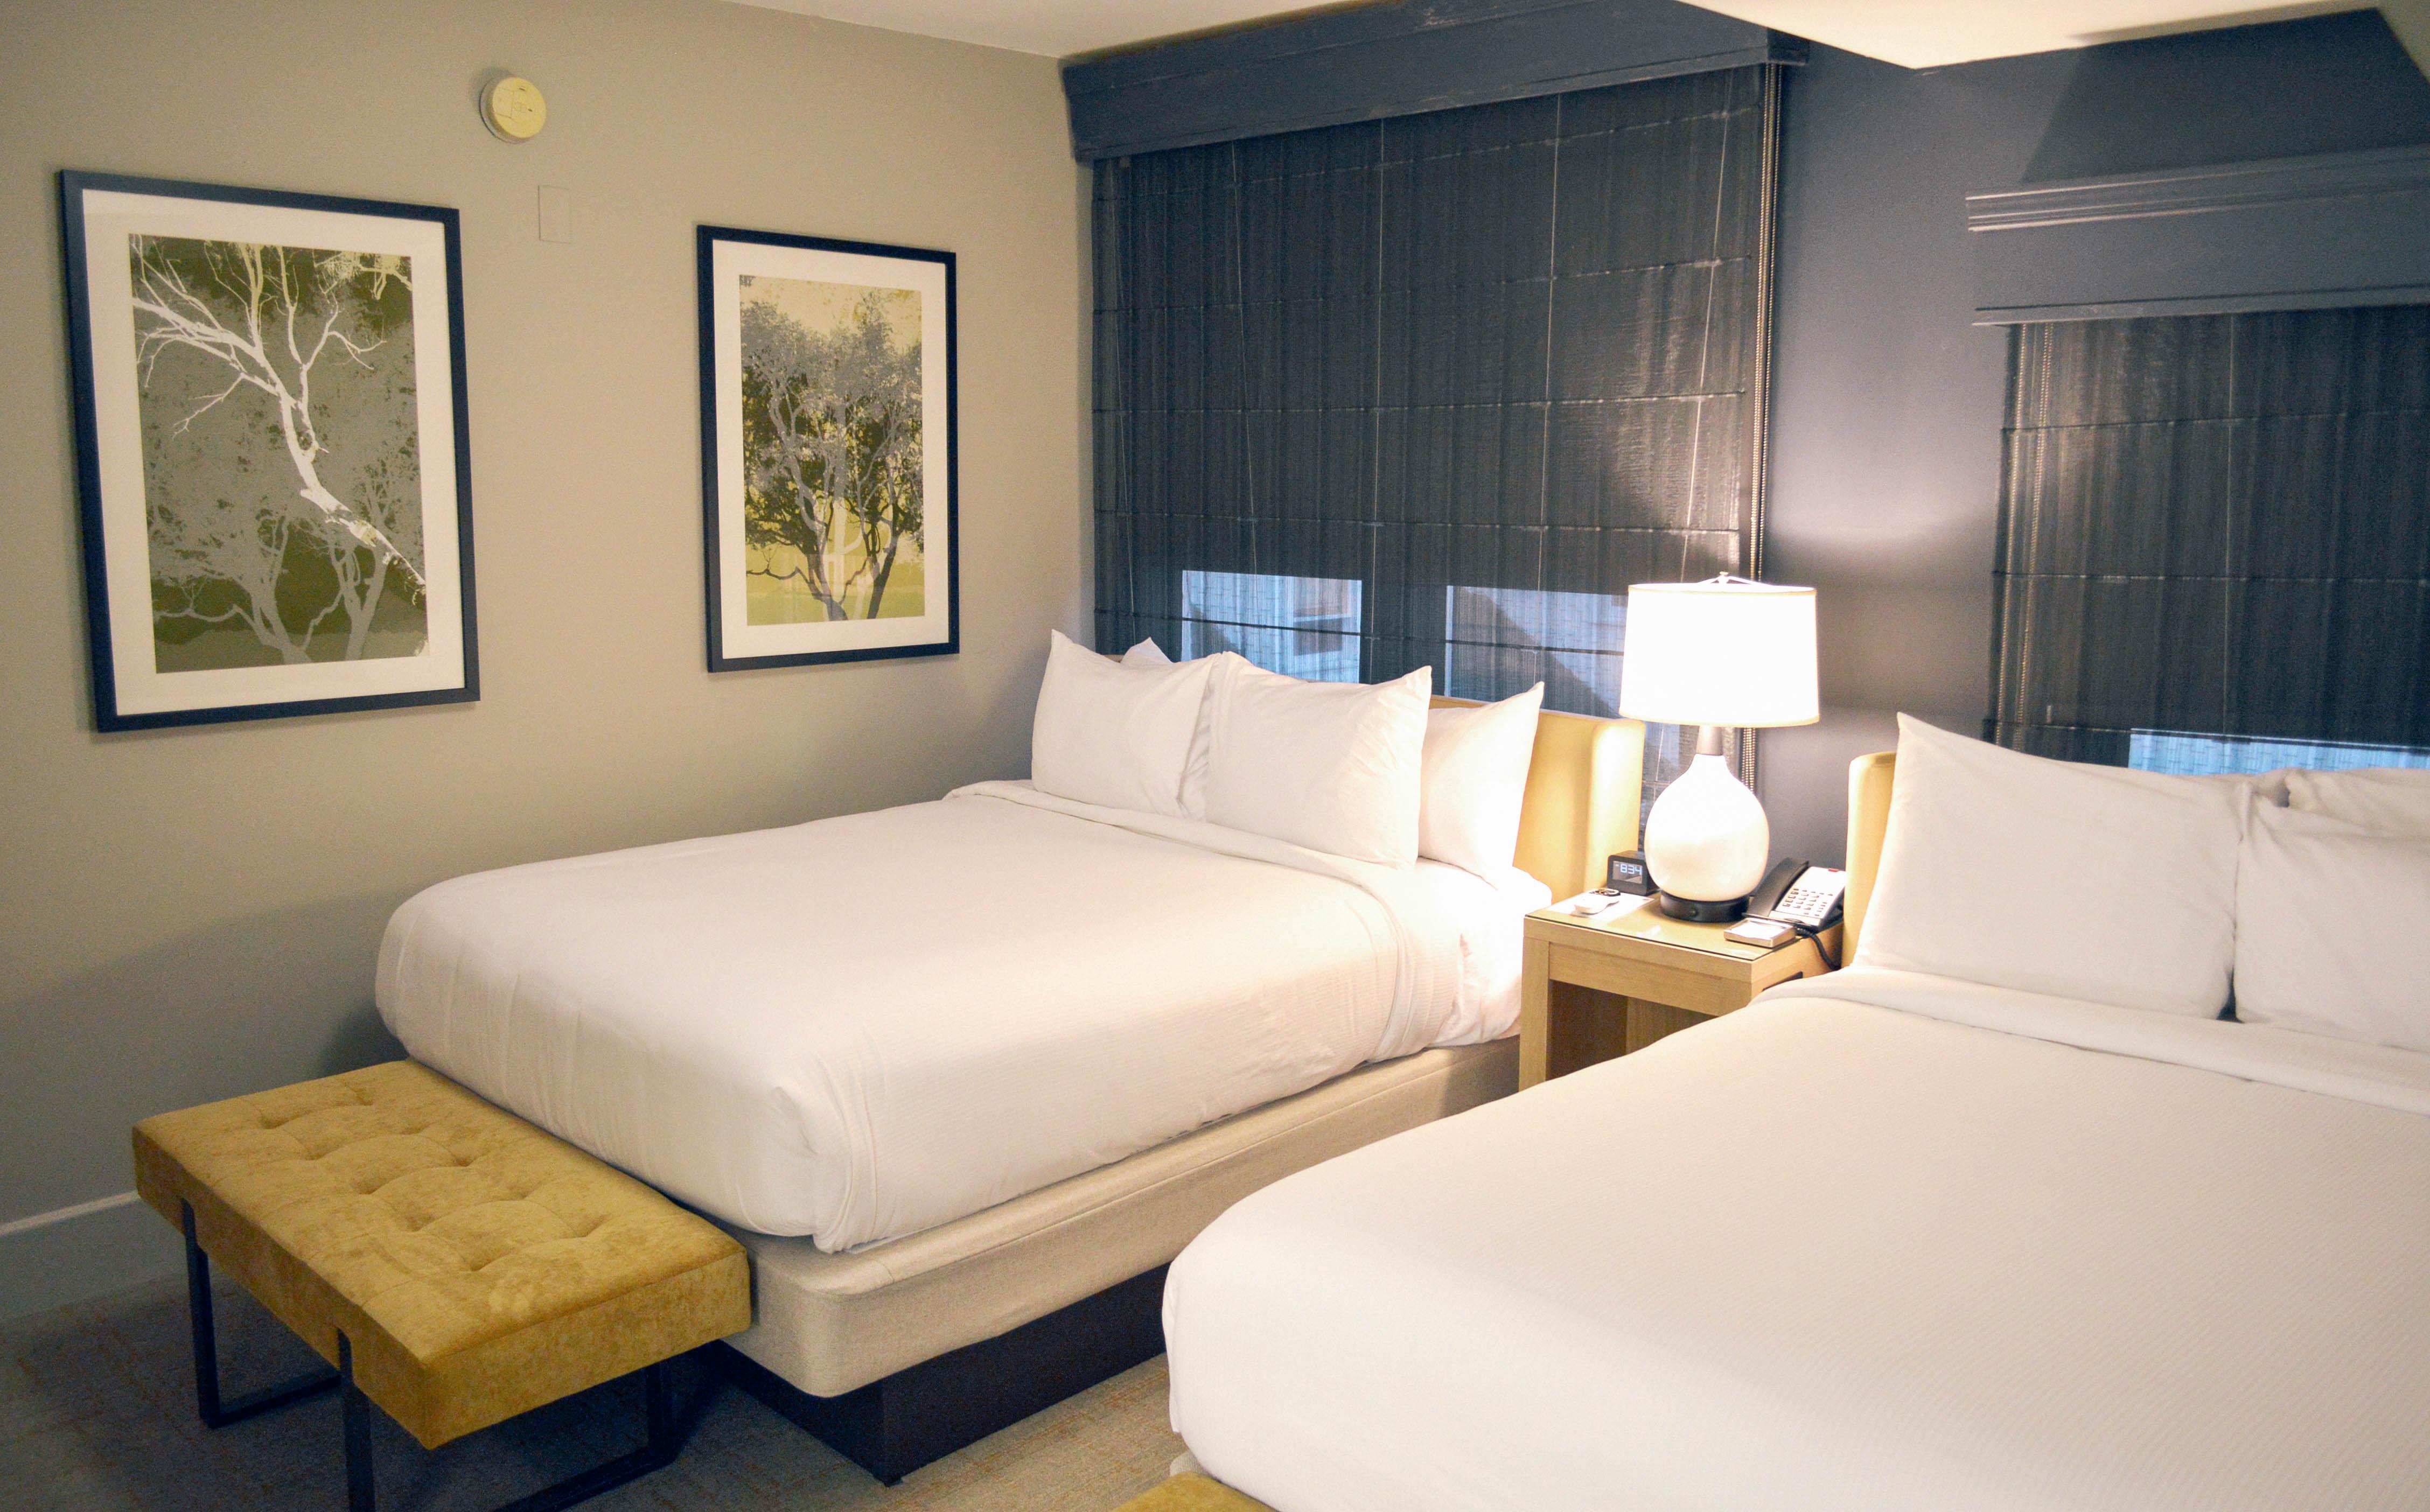 The-Partridge-Inn-Augusta-Georgia-Review-room-2